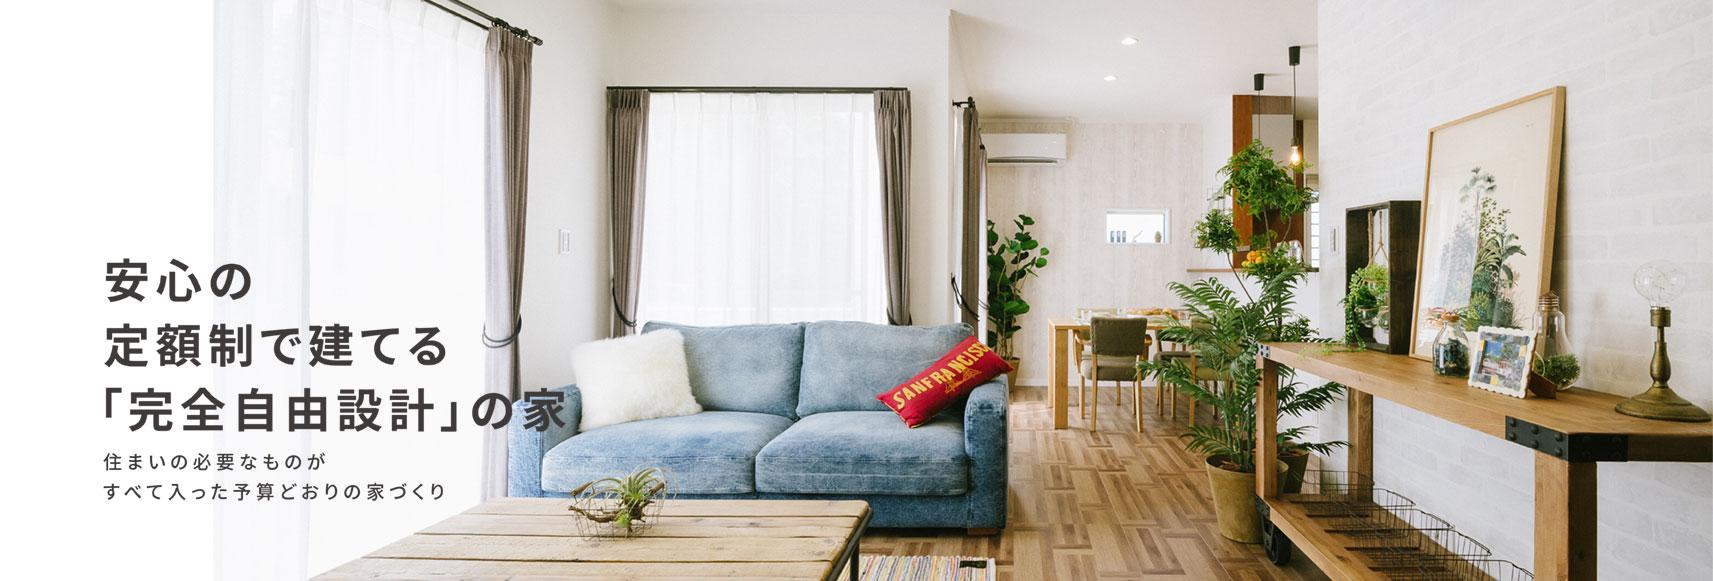 安心の定額制で建てる「完全自由設計」の家